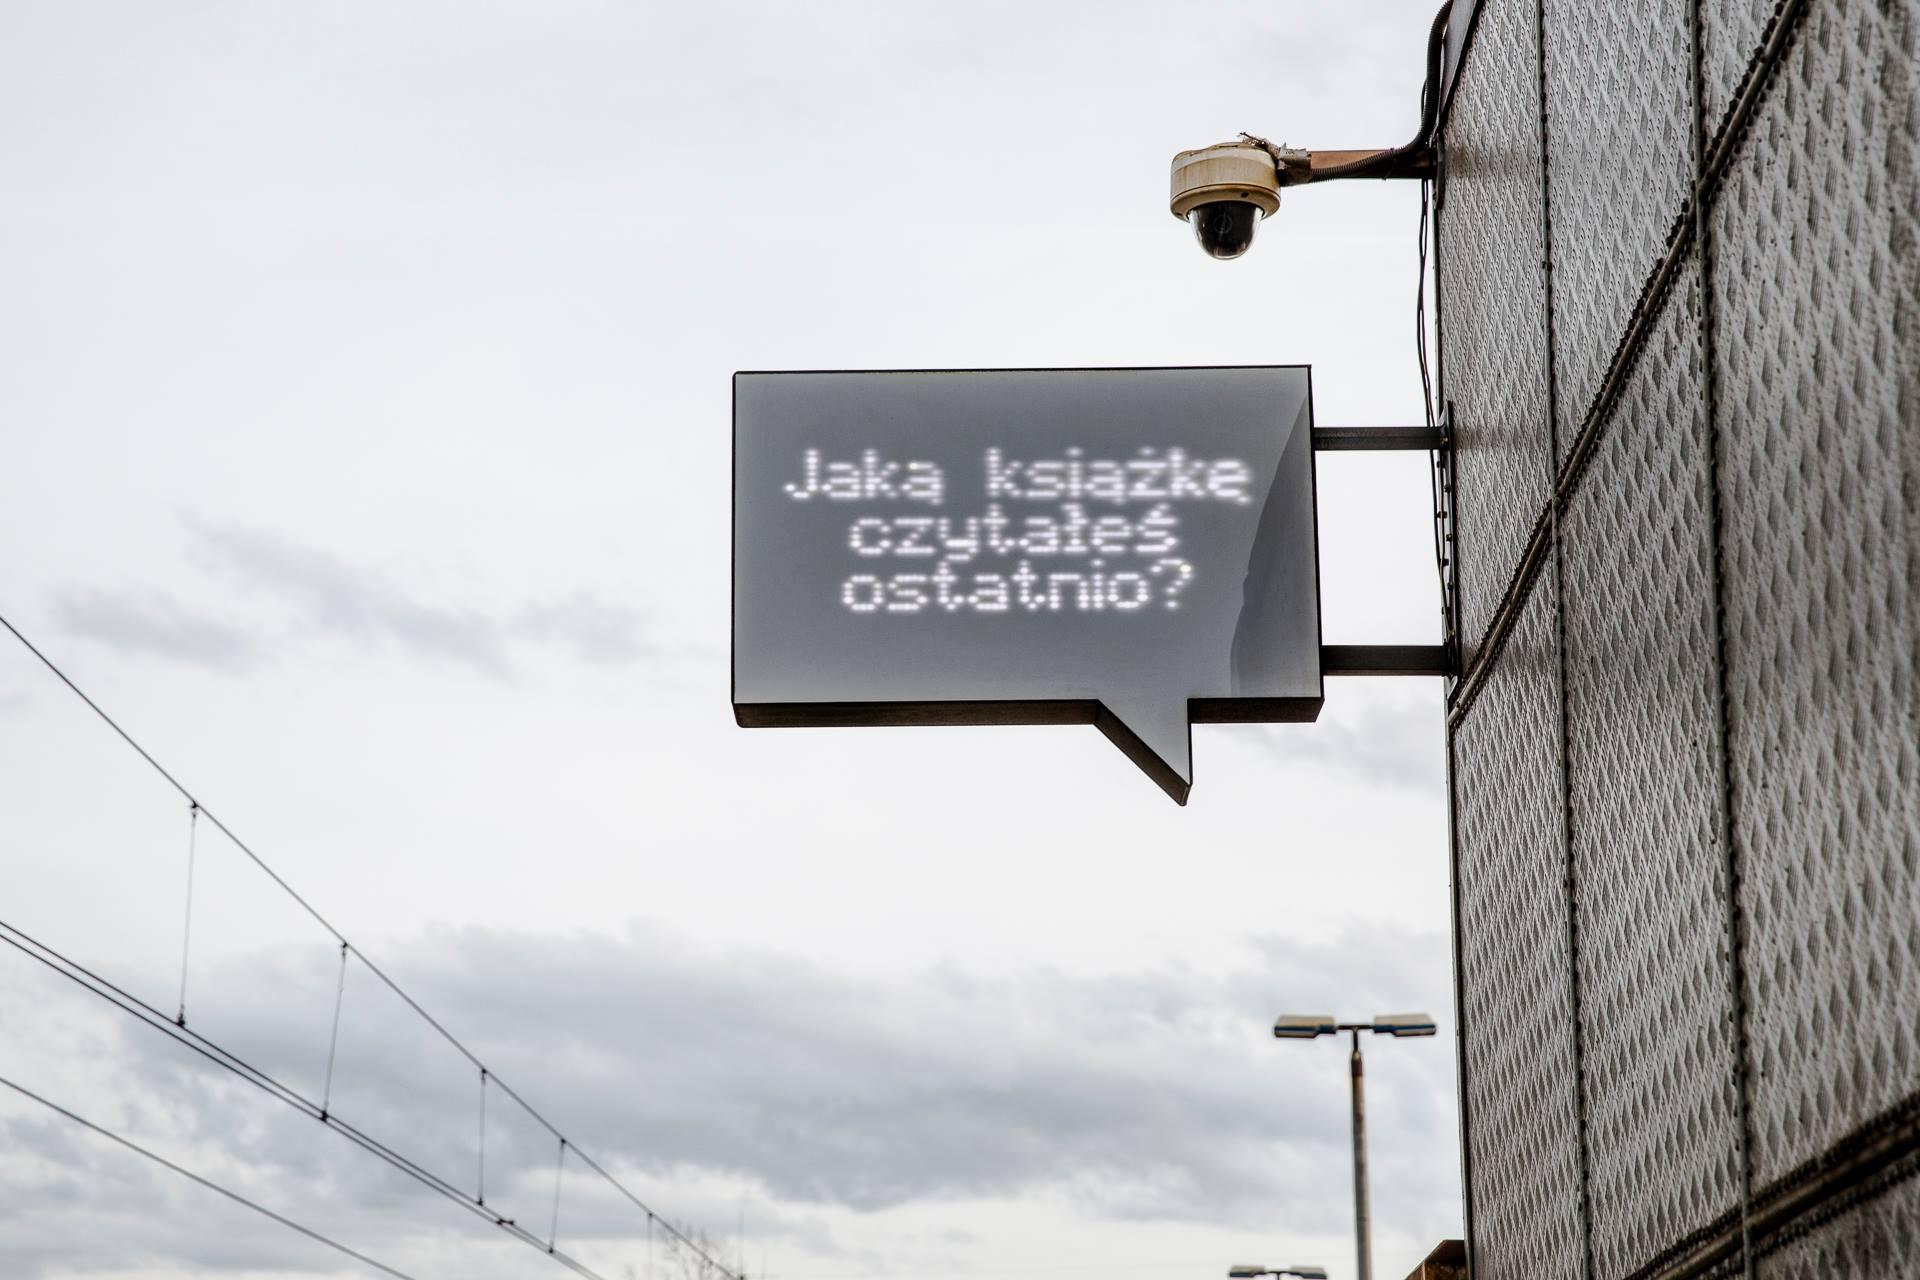 """Na zdjęciu widać ekran w kształcie dymku z tekstem. Na ekranie wyświetlane jest pytanie """"Jaką książkę czytałeś ostatnio""""?"""